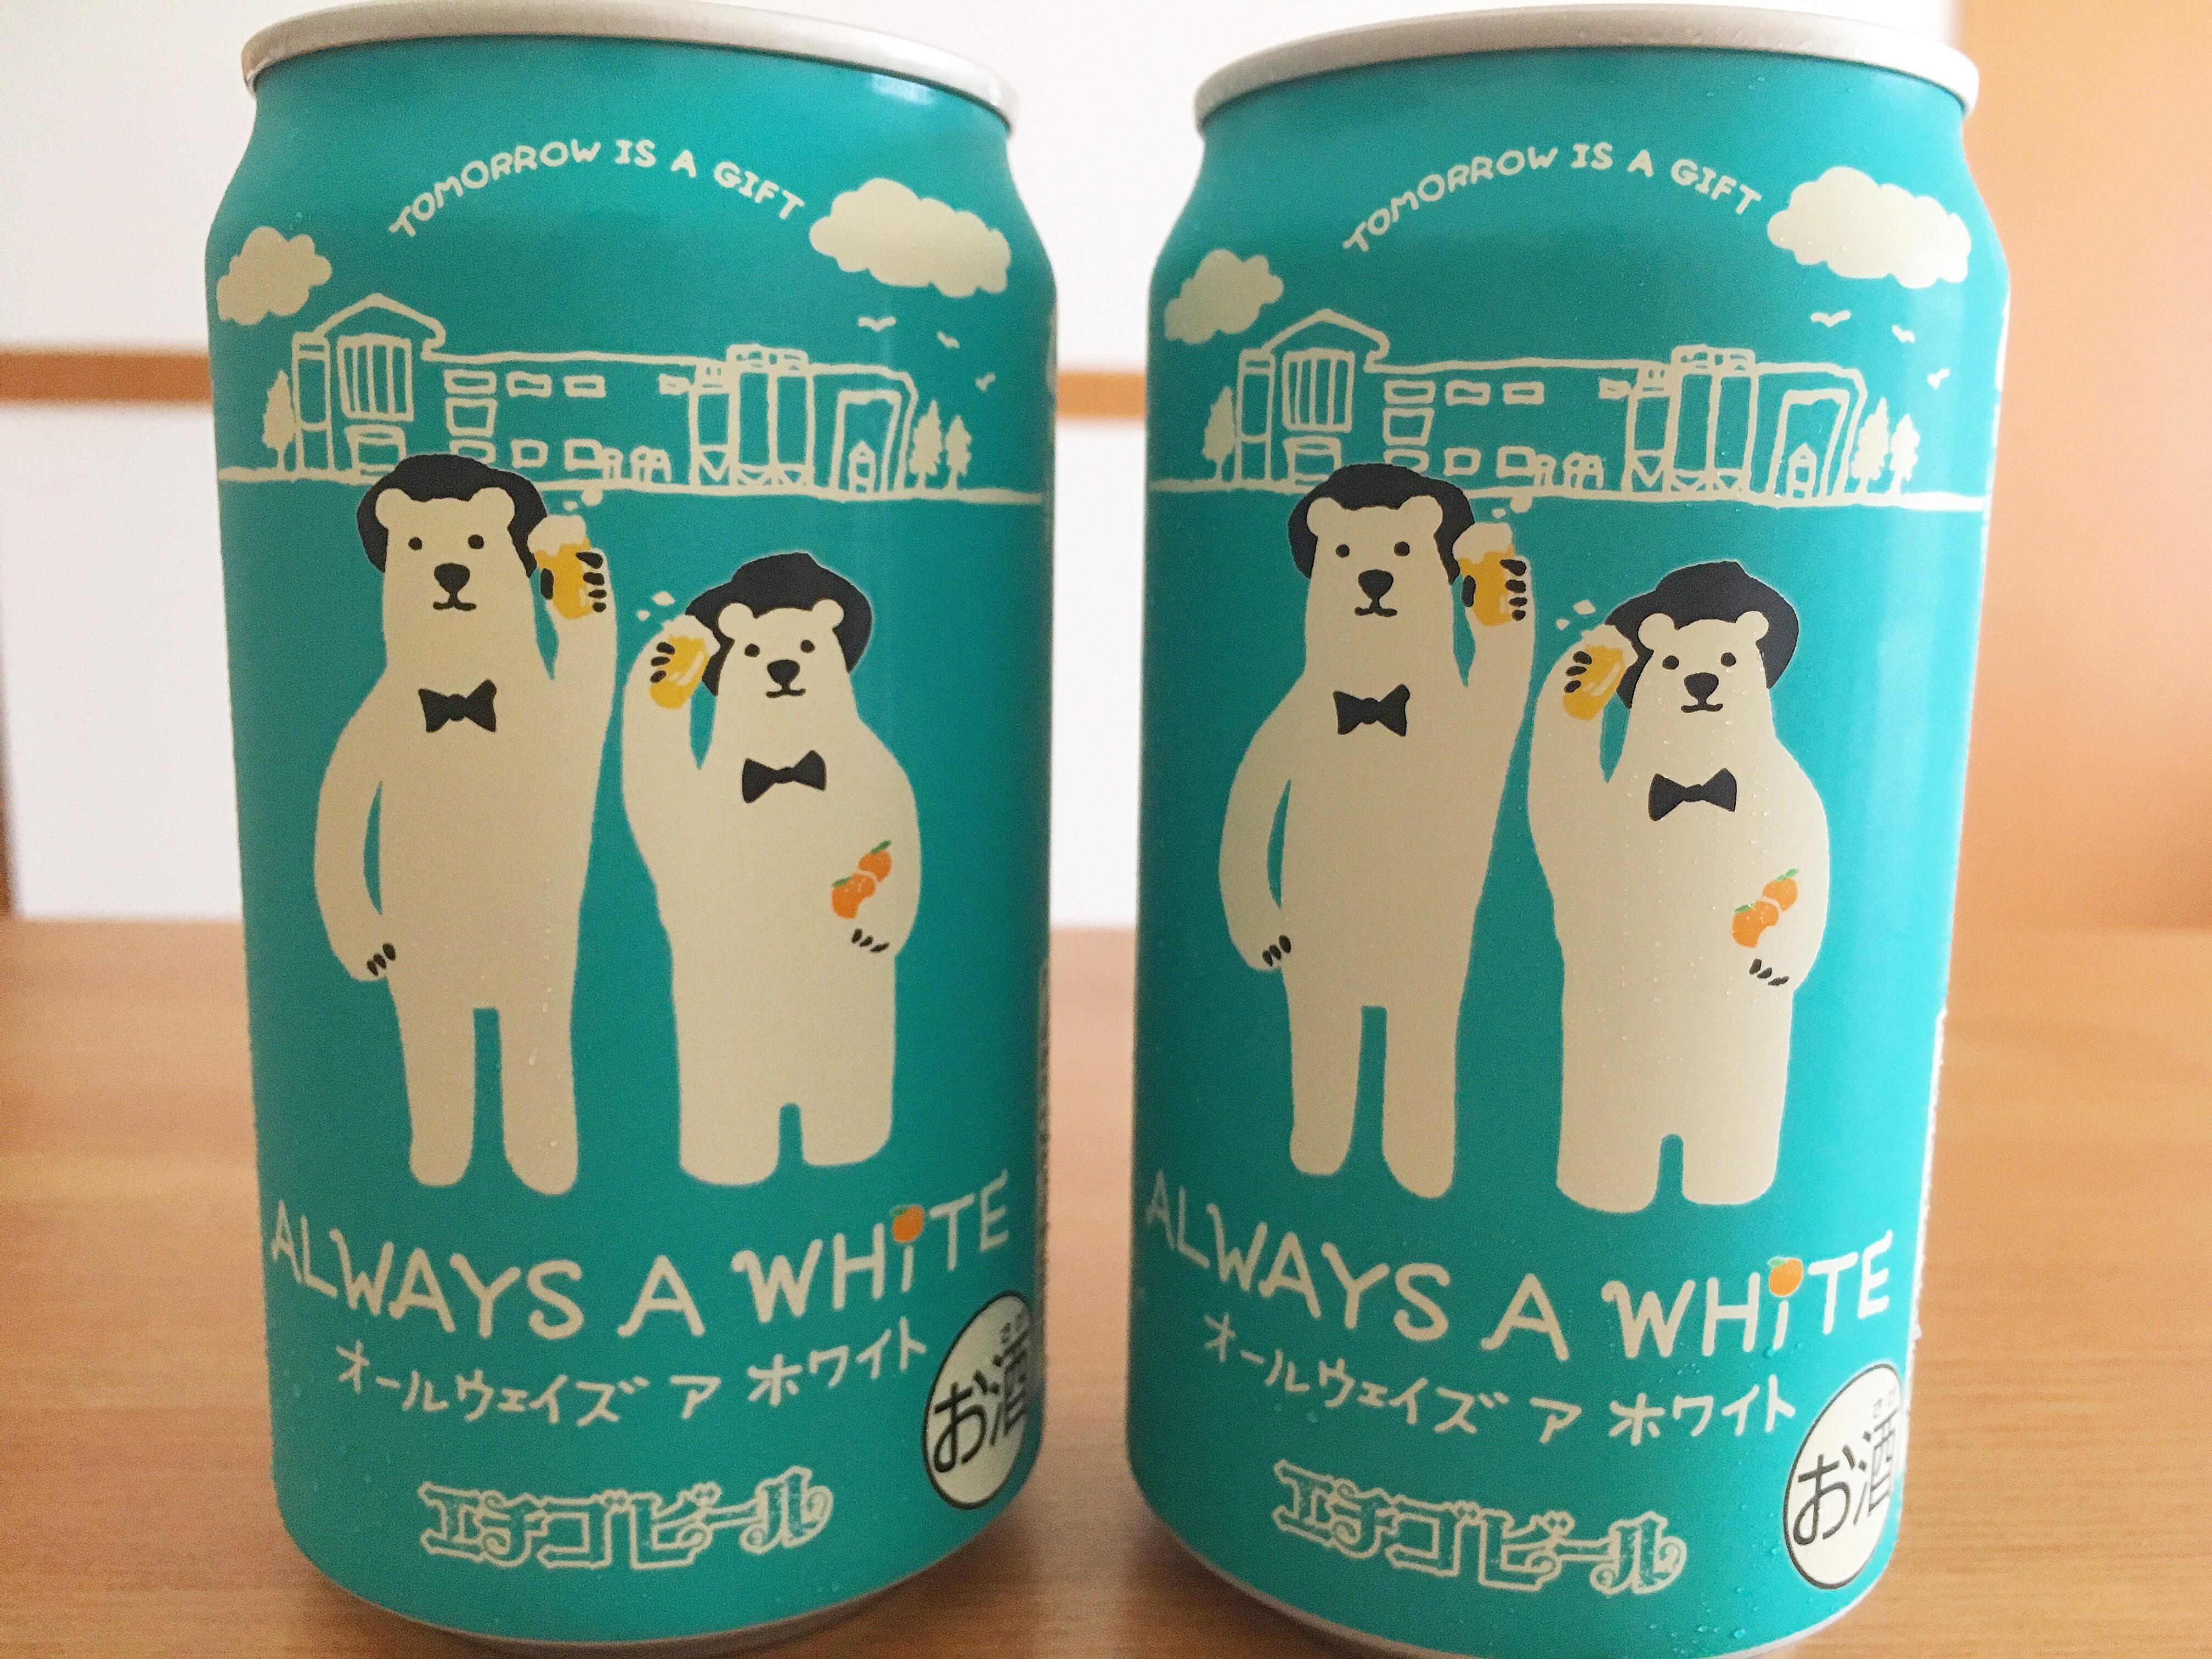 ALWAYS A WHITE